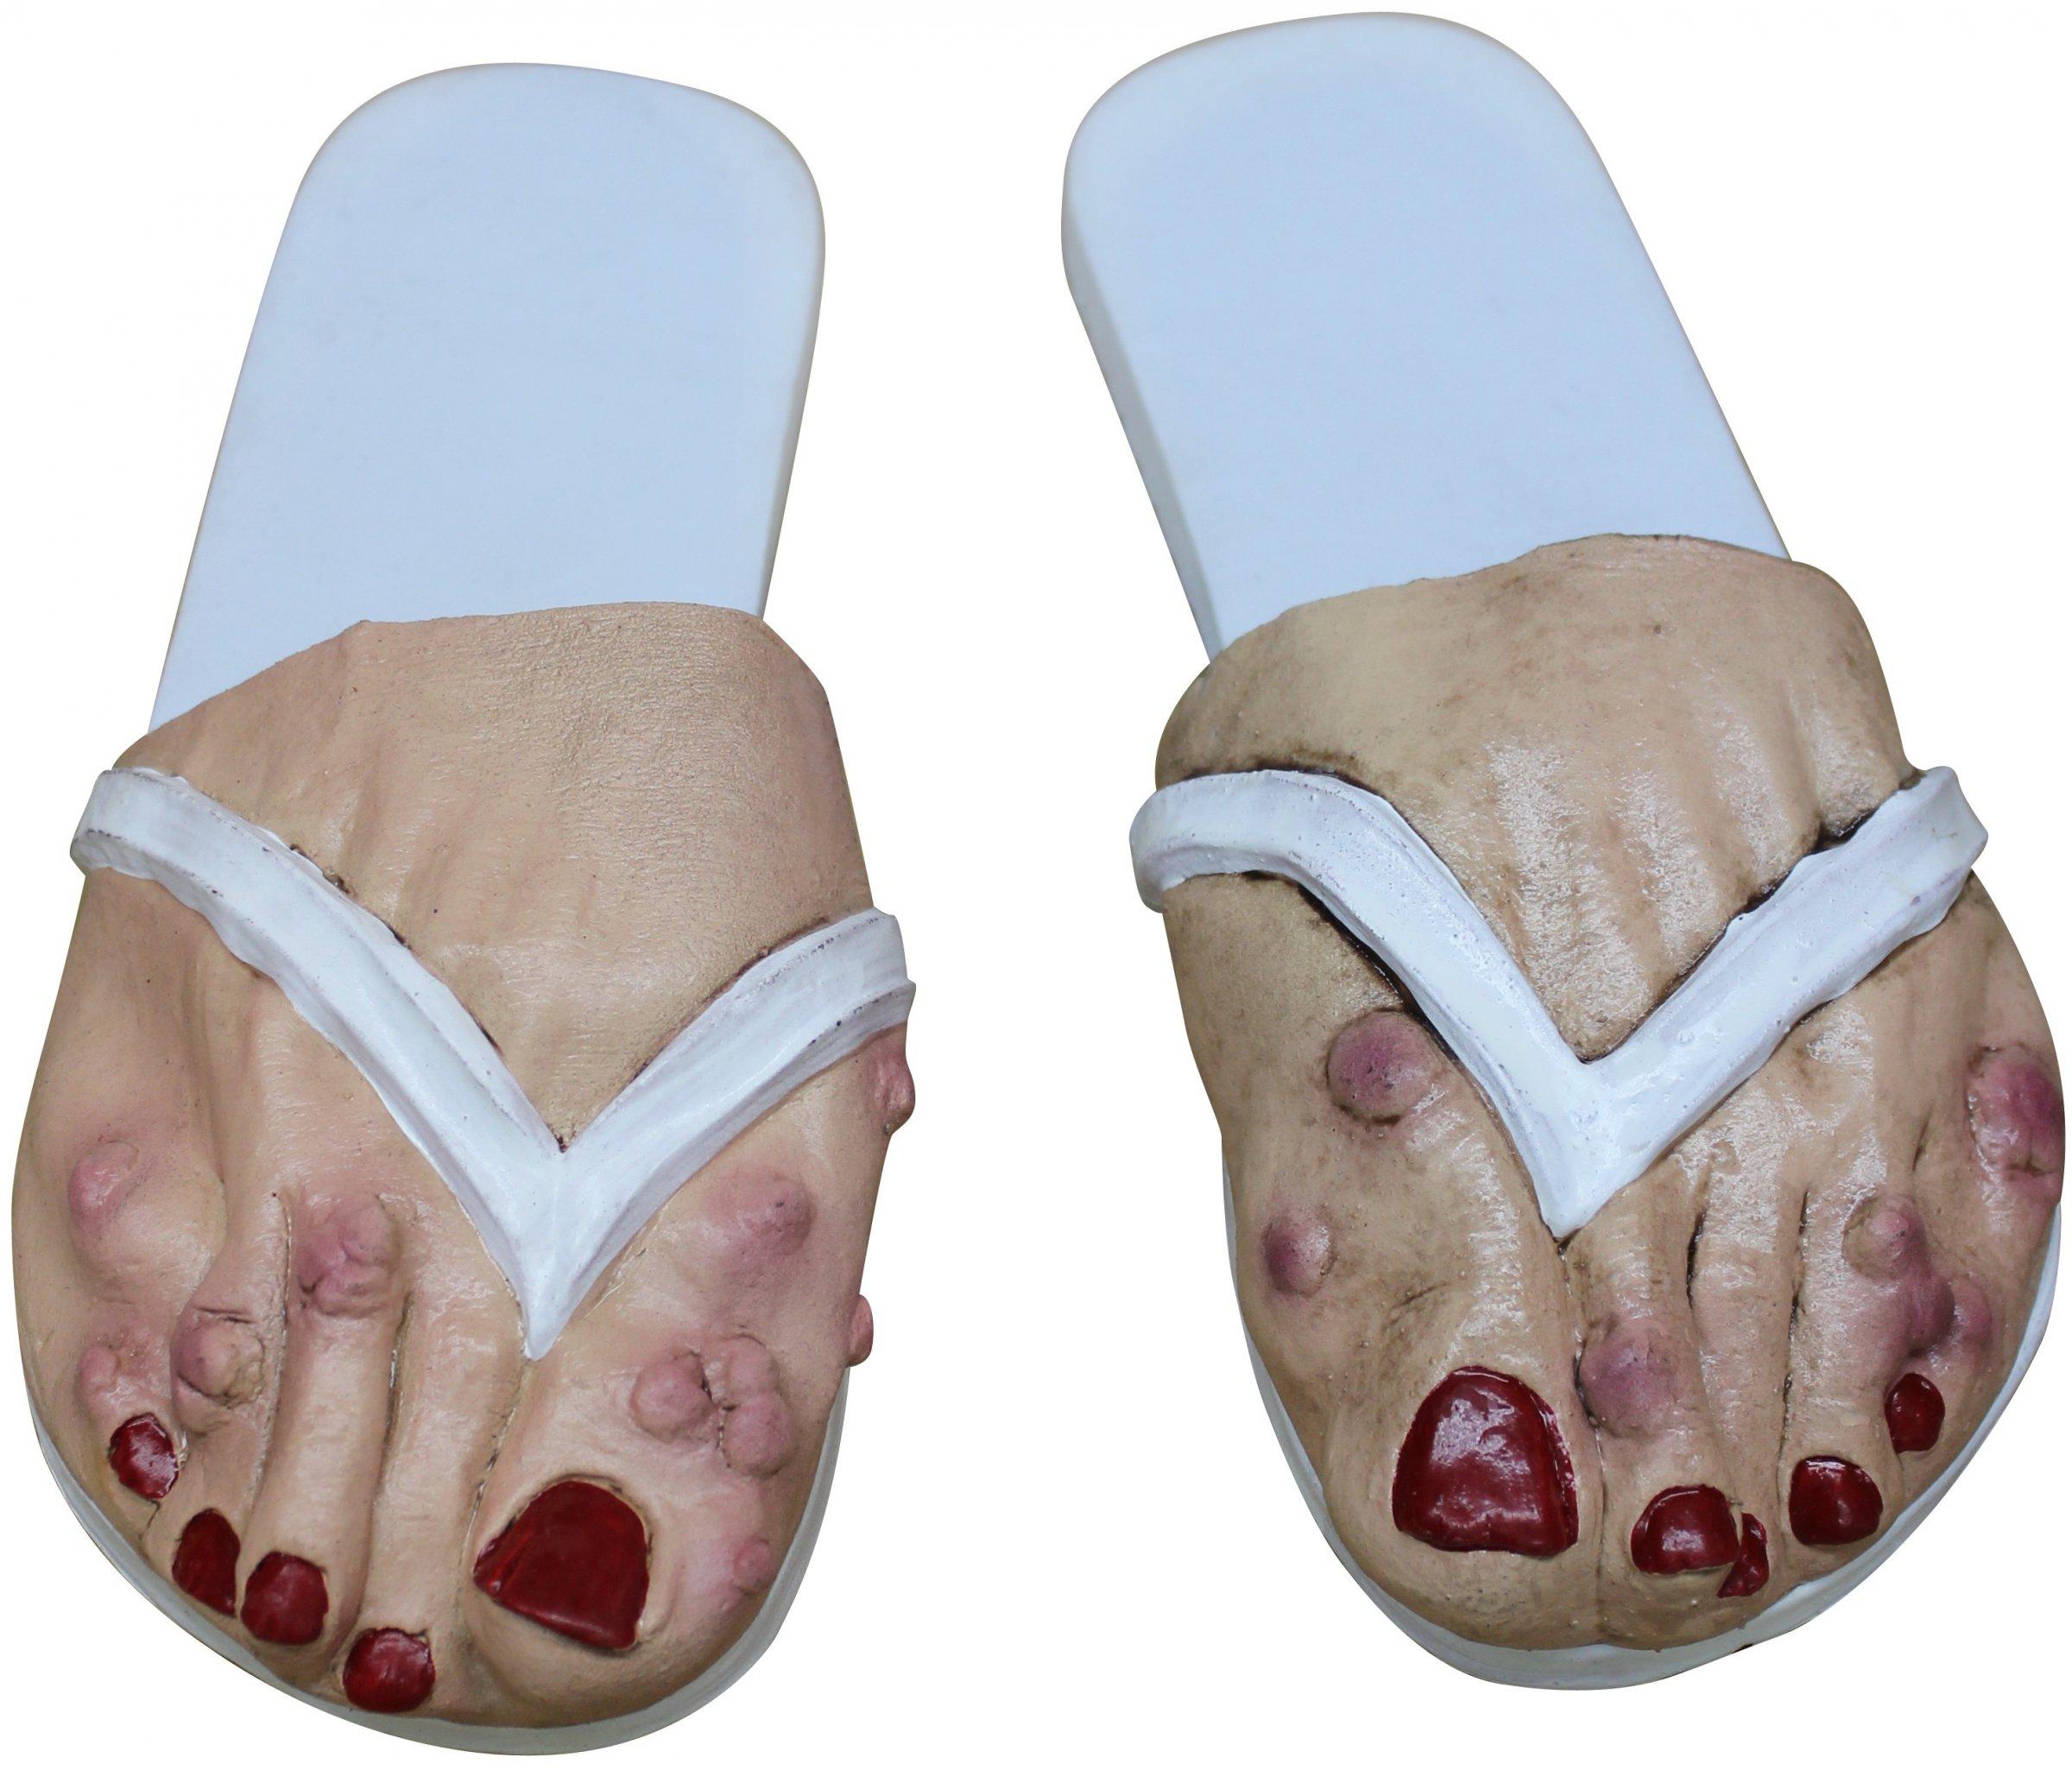 sur chaussures pied femme adulte blanc halloween deguise toi achat de accessoires. Black Bedroom Furniture Sets. Home Design Ideas